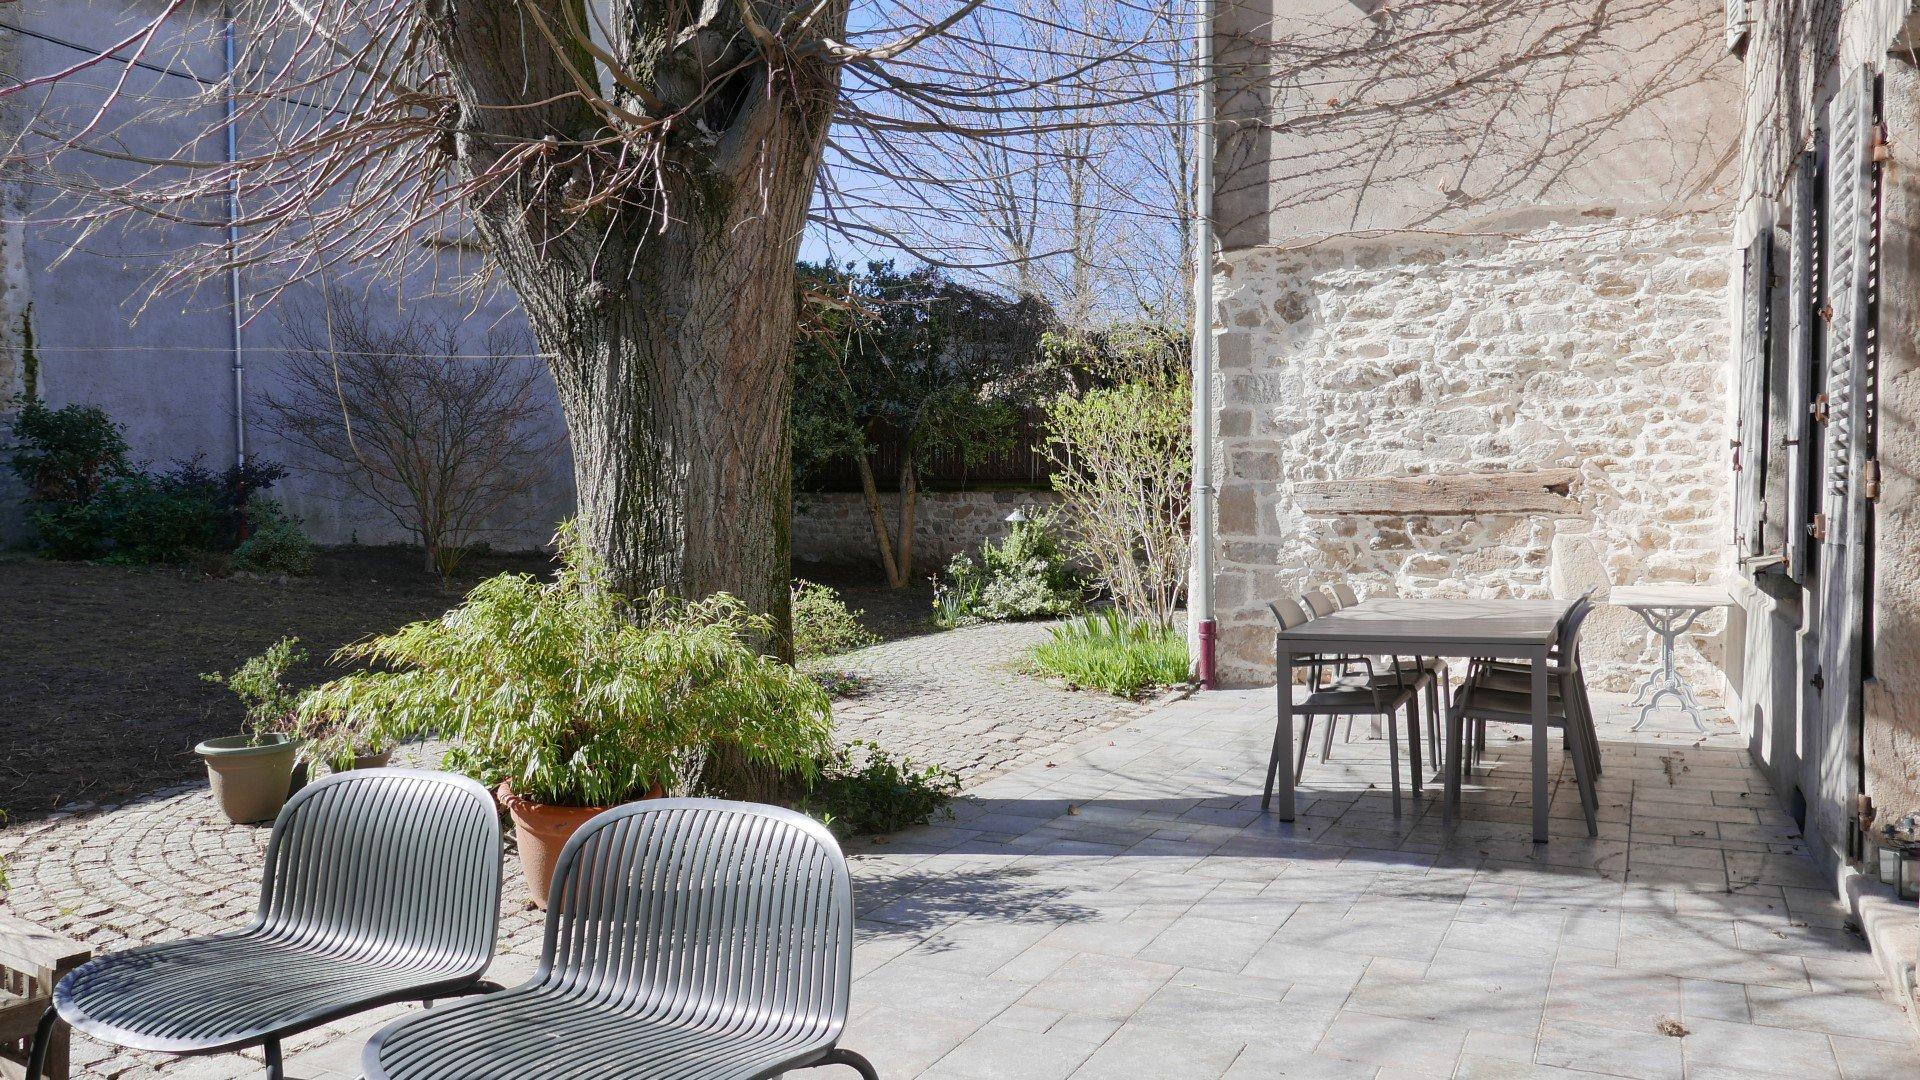 Achat Maison Surface de 240 m², 6 pièces, Mornant (69440)